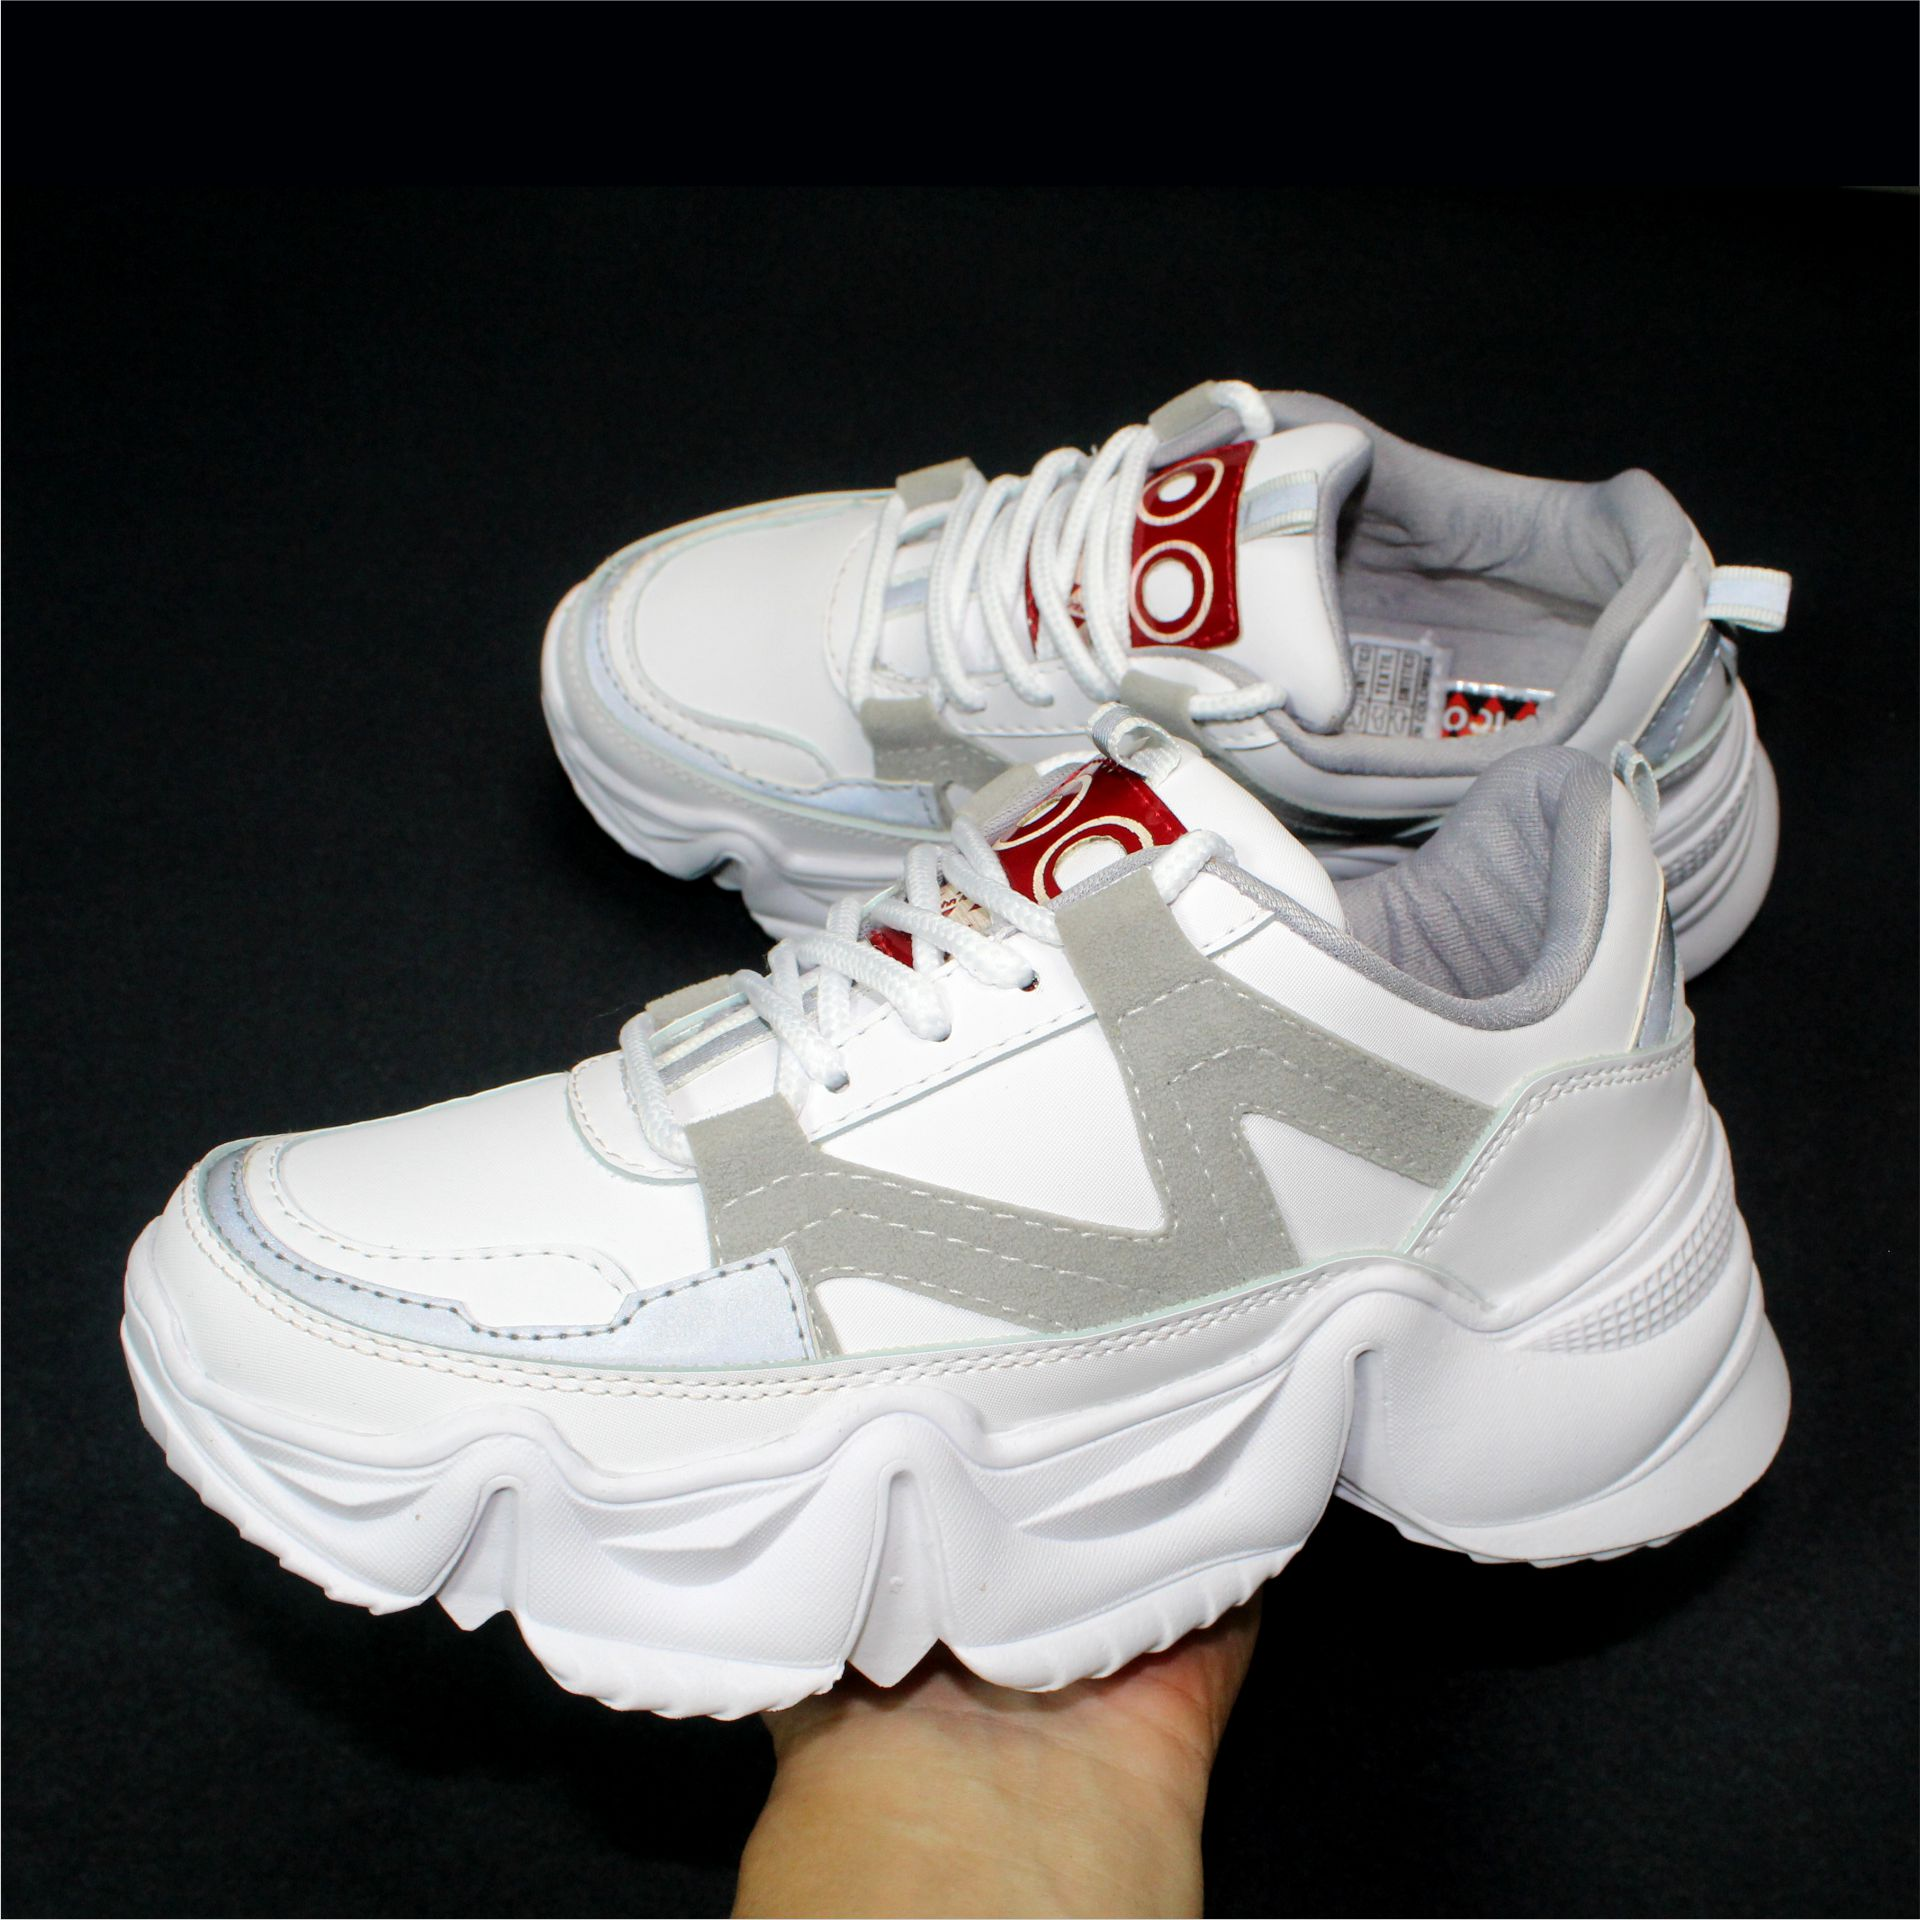 REF 1664  tenis W blanco, material sintético, suela blanca